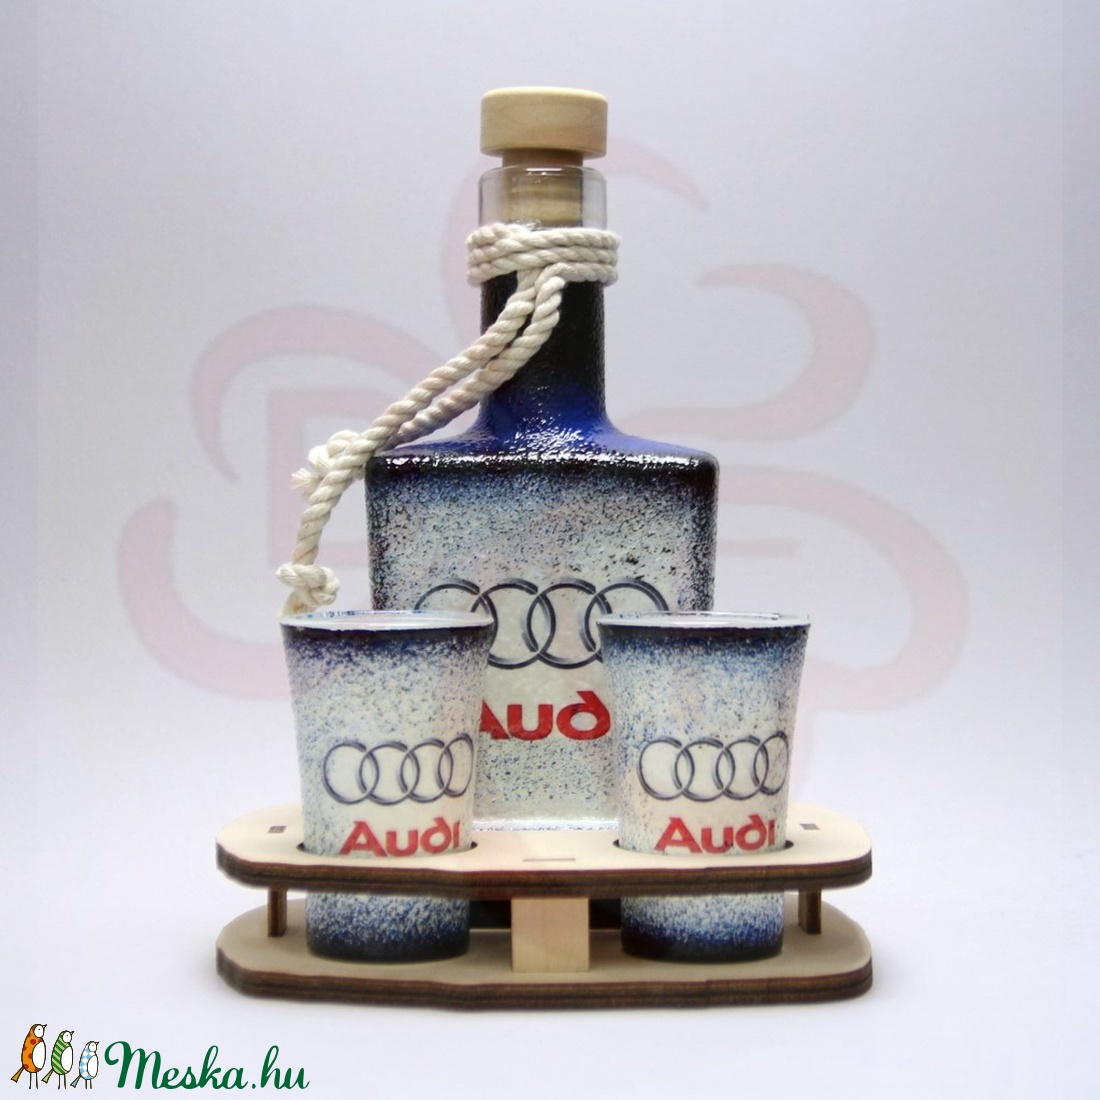 Audi whiskys készlet ; Audi rajongóknak - Meska.hu